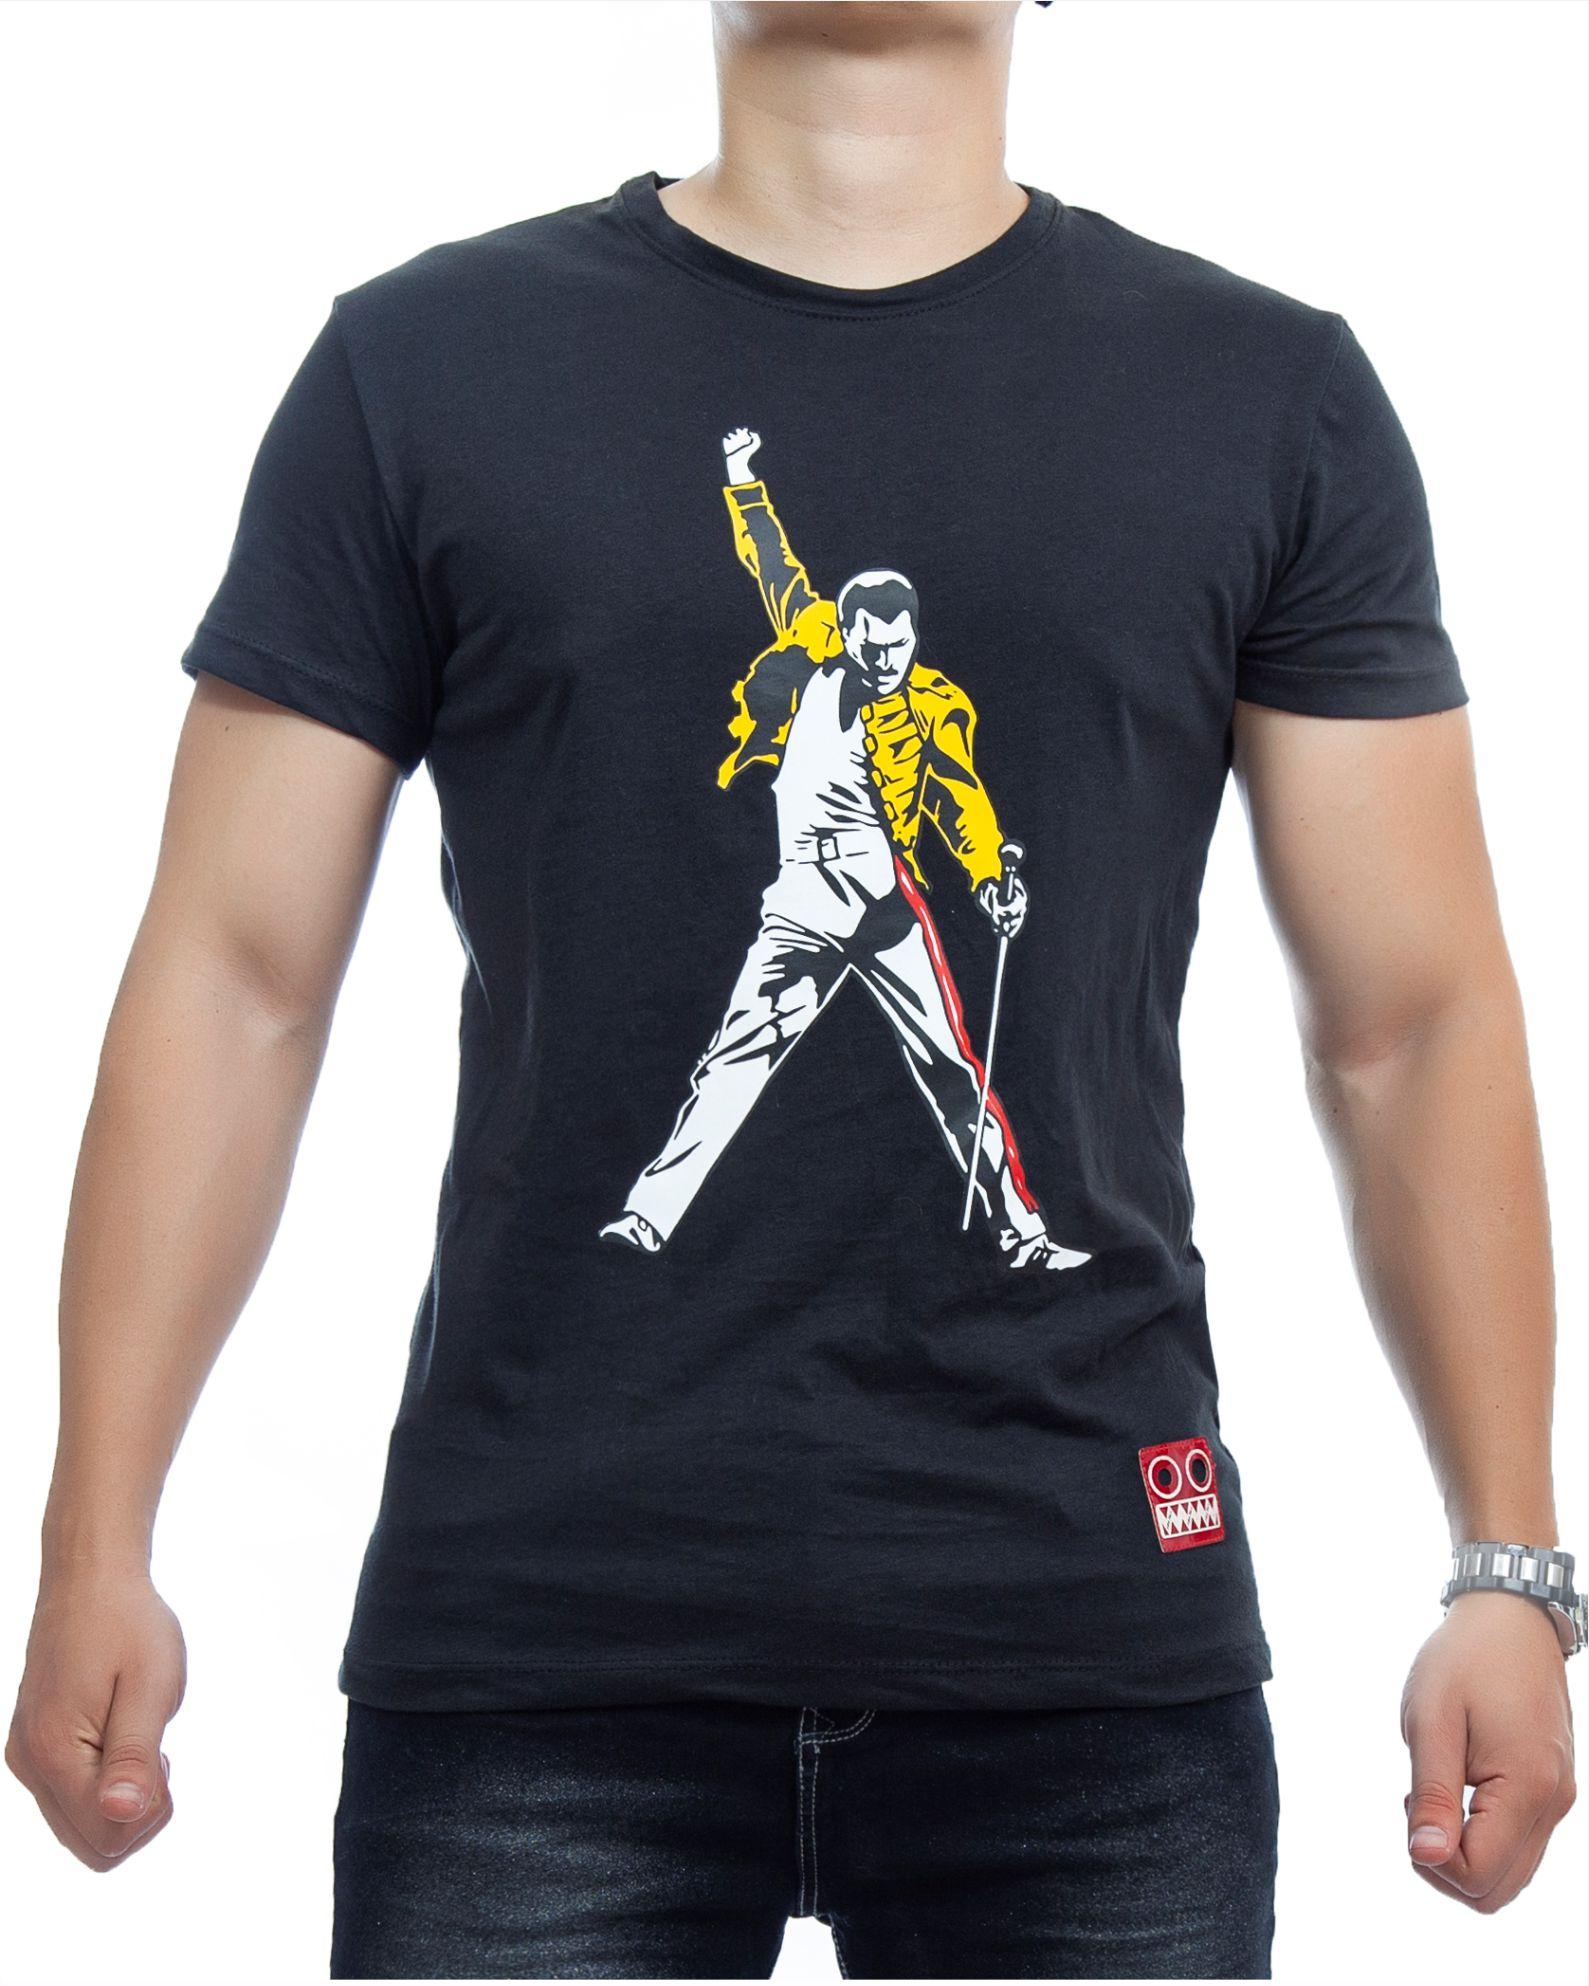 ref 1752 2 camiseta freddie, color negro, tela 100% en algodon Tallas S-M-L-XL. $48.000.